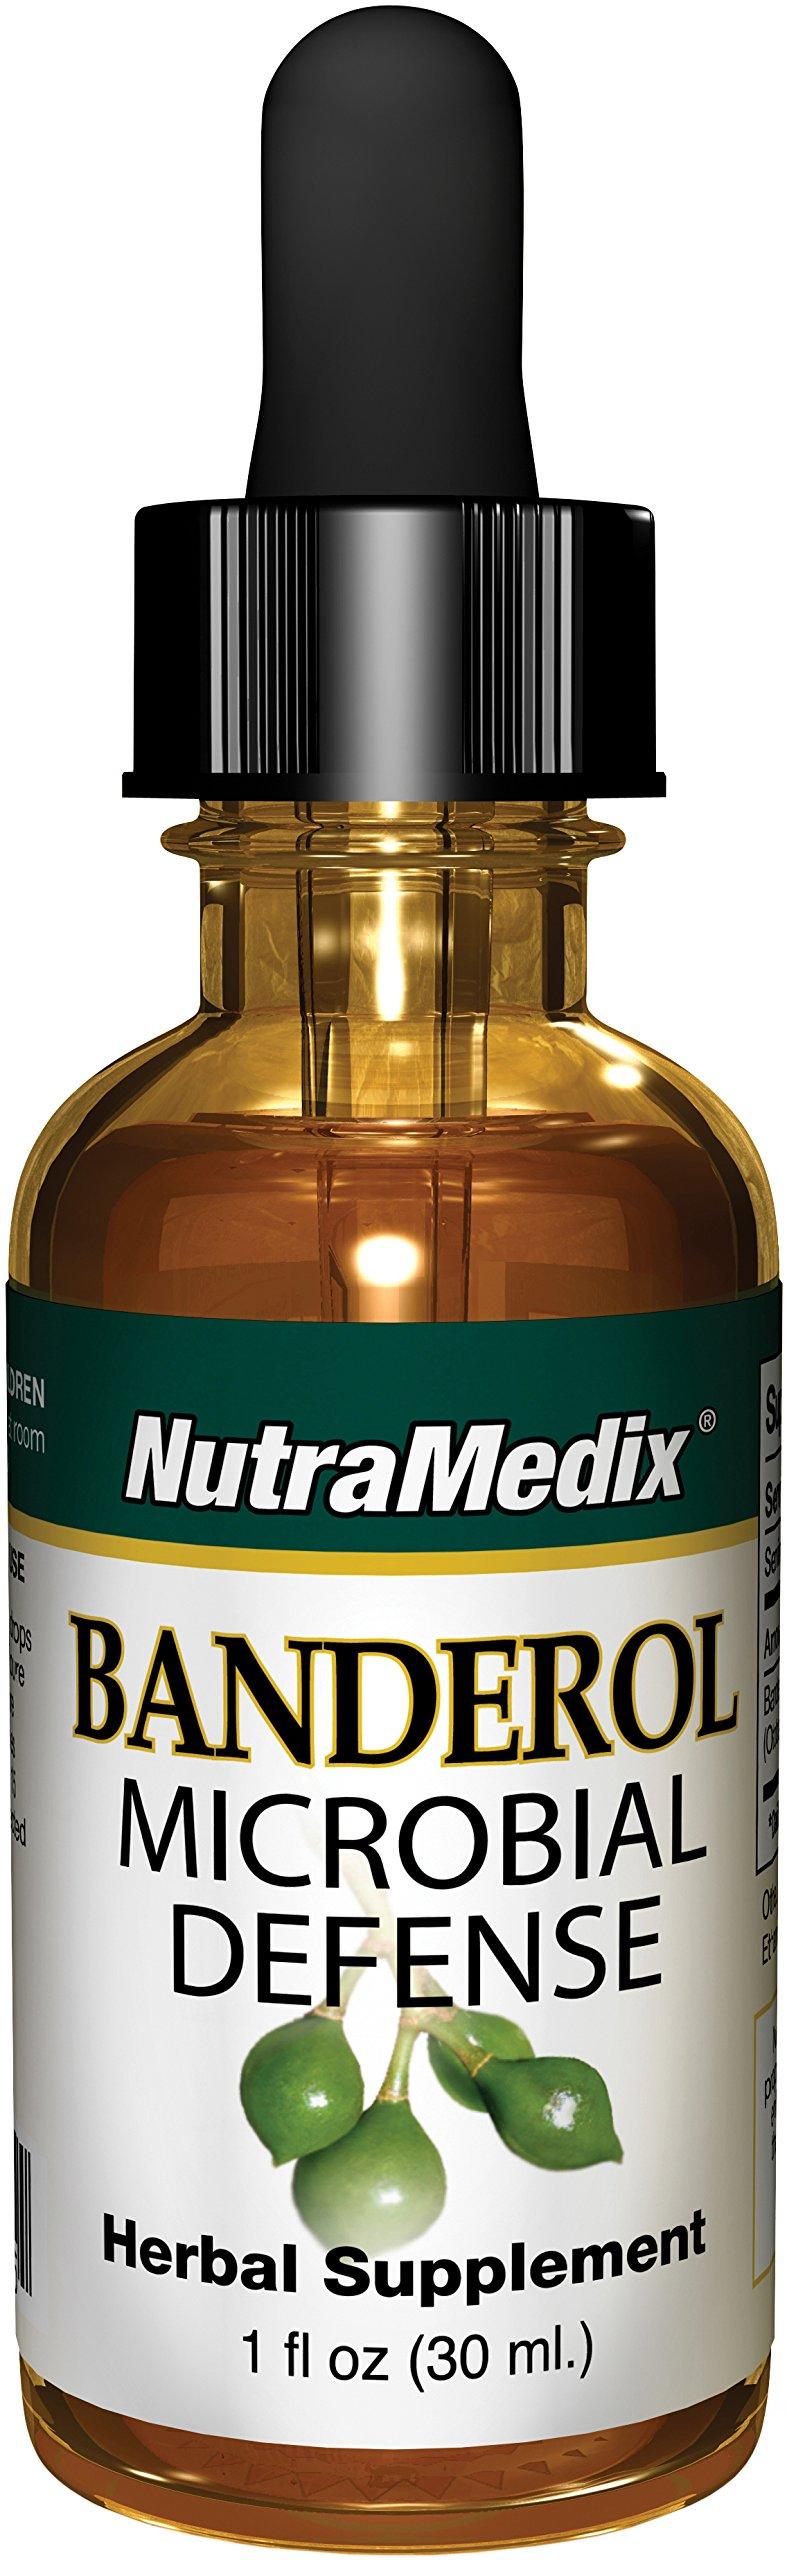 Nutramedix - Banderol Microbial Defense, 1 oz. (30 ml)